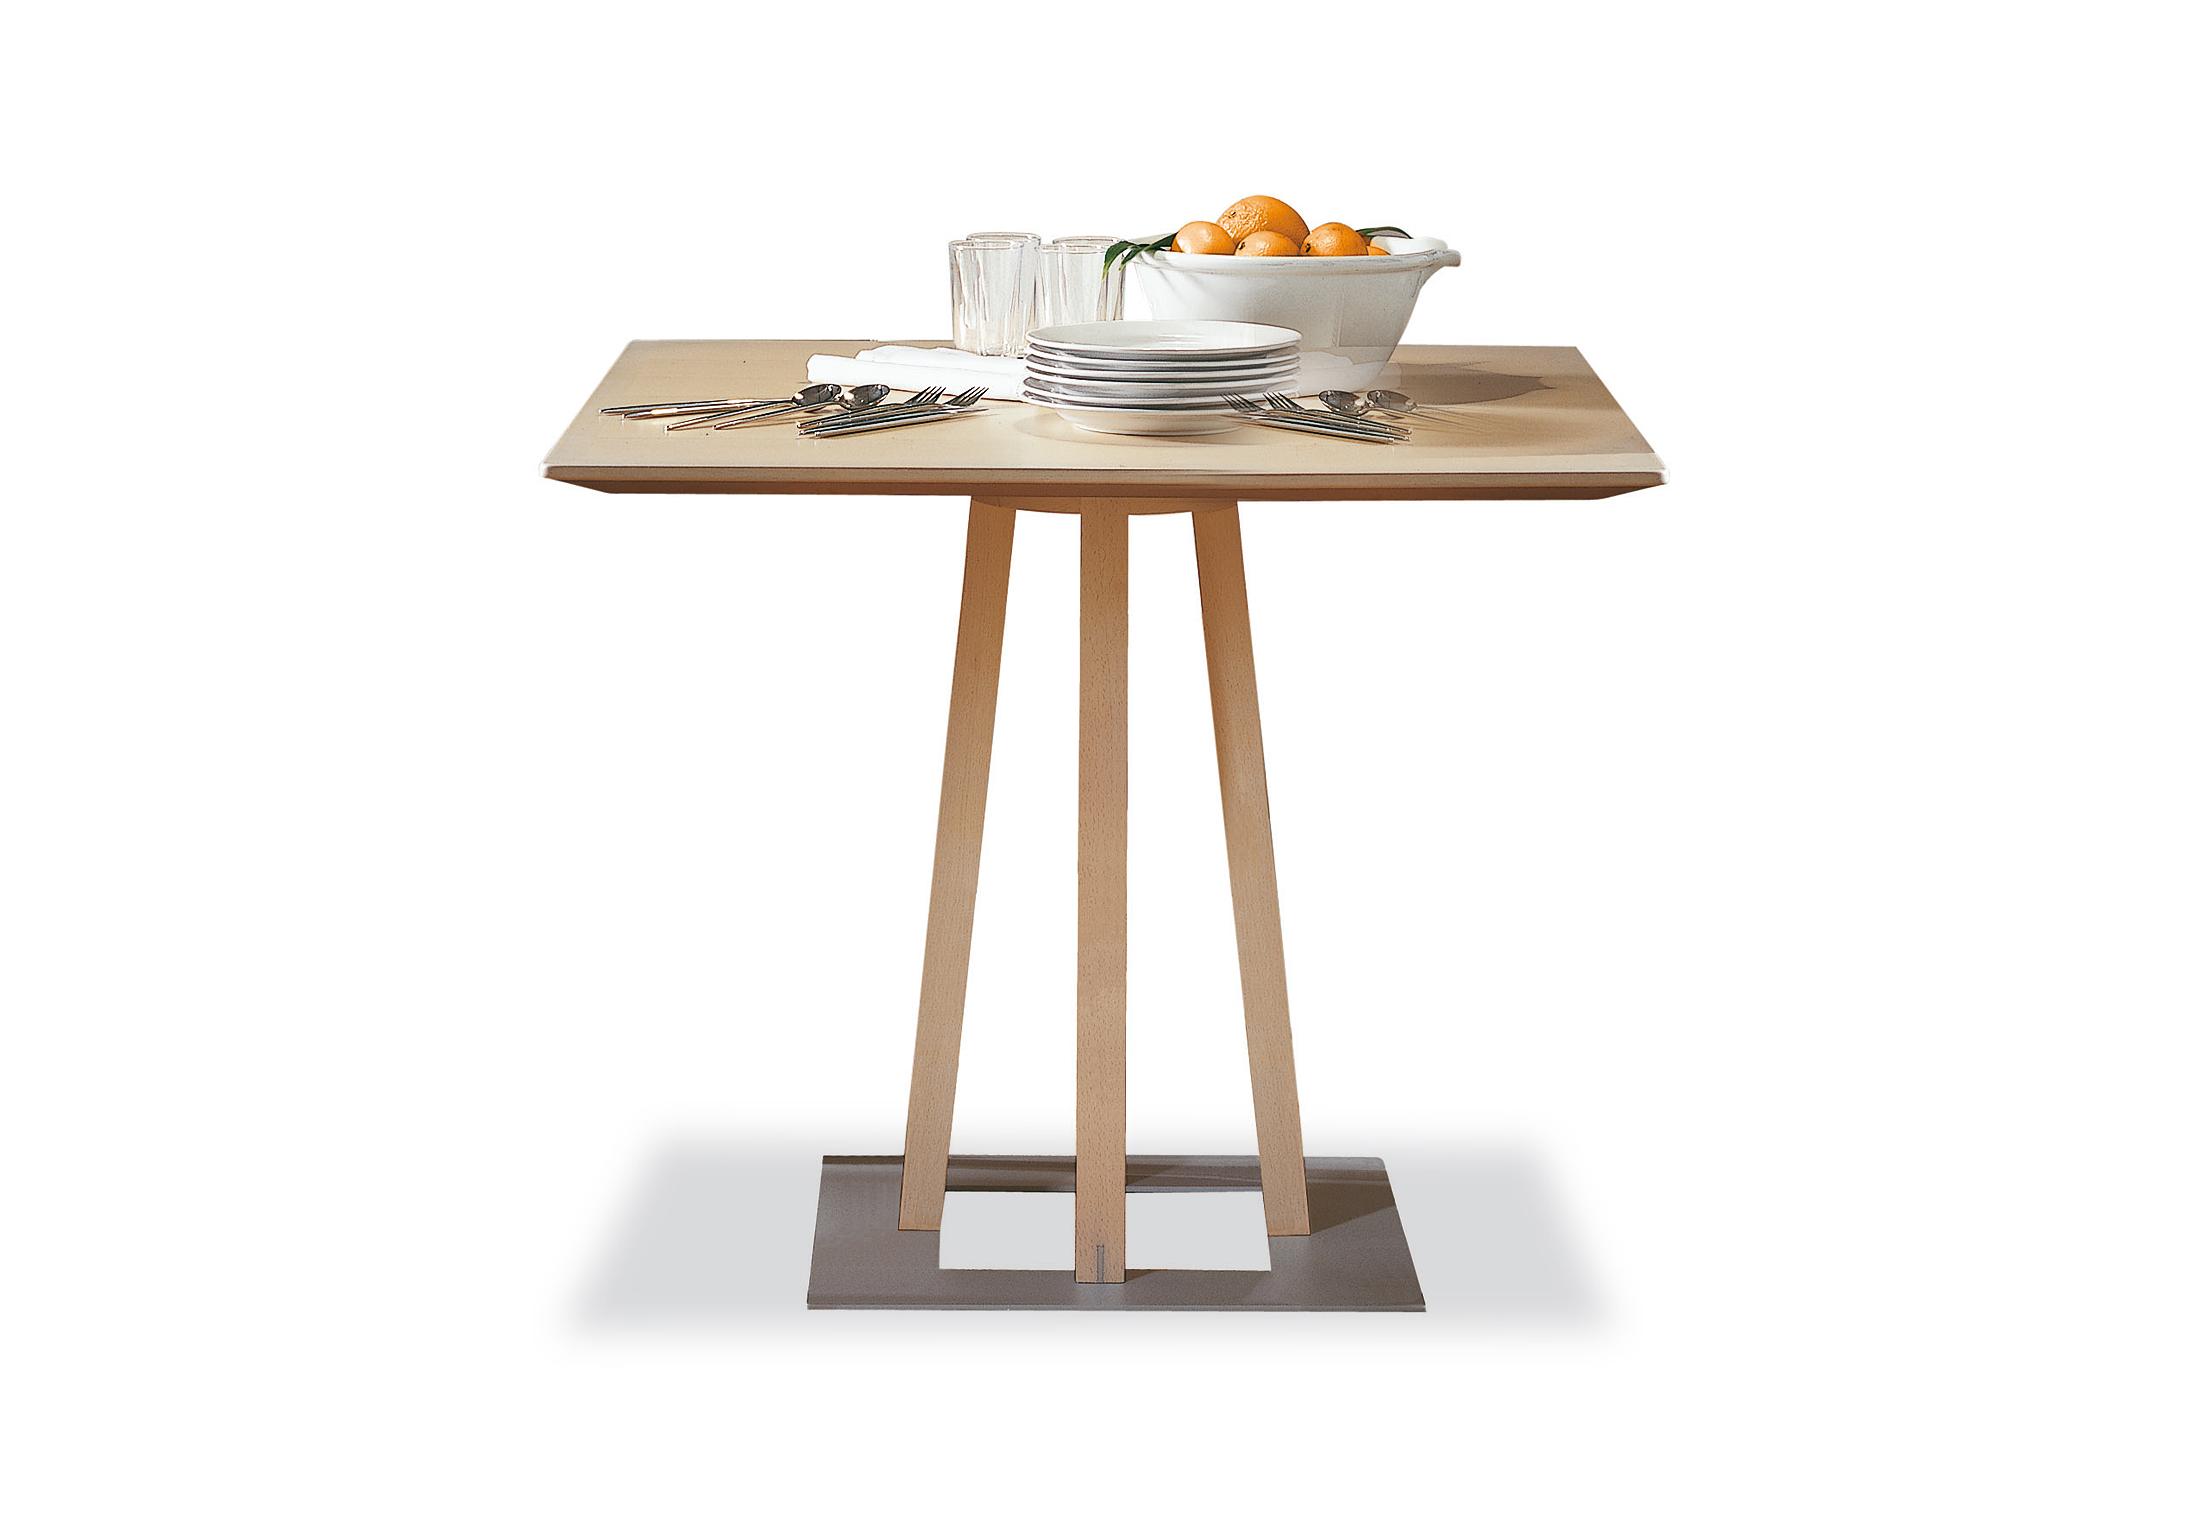 Sella Tisch quadratisch von Tonon | STYLEPARK